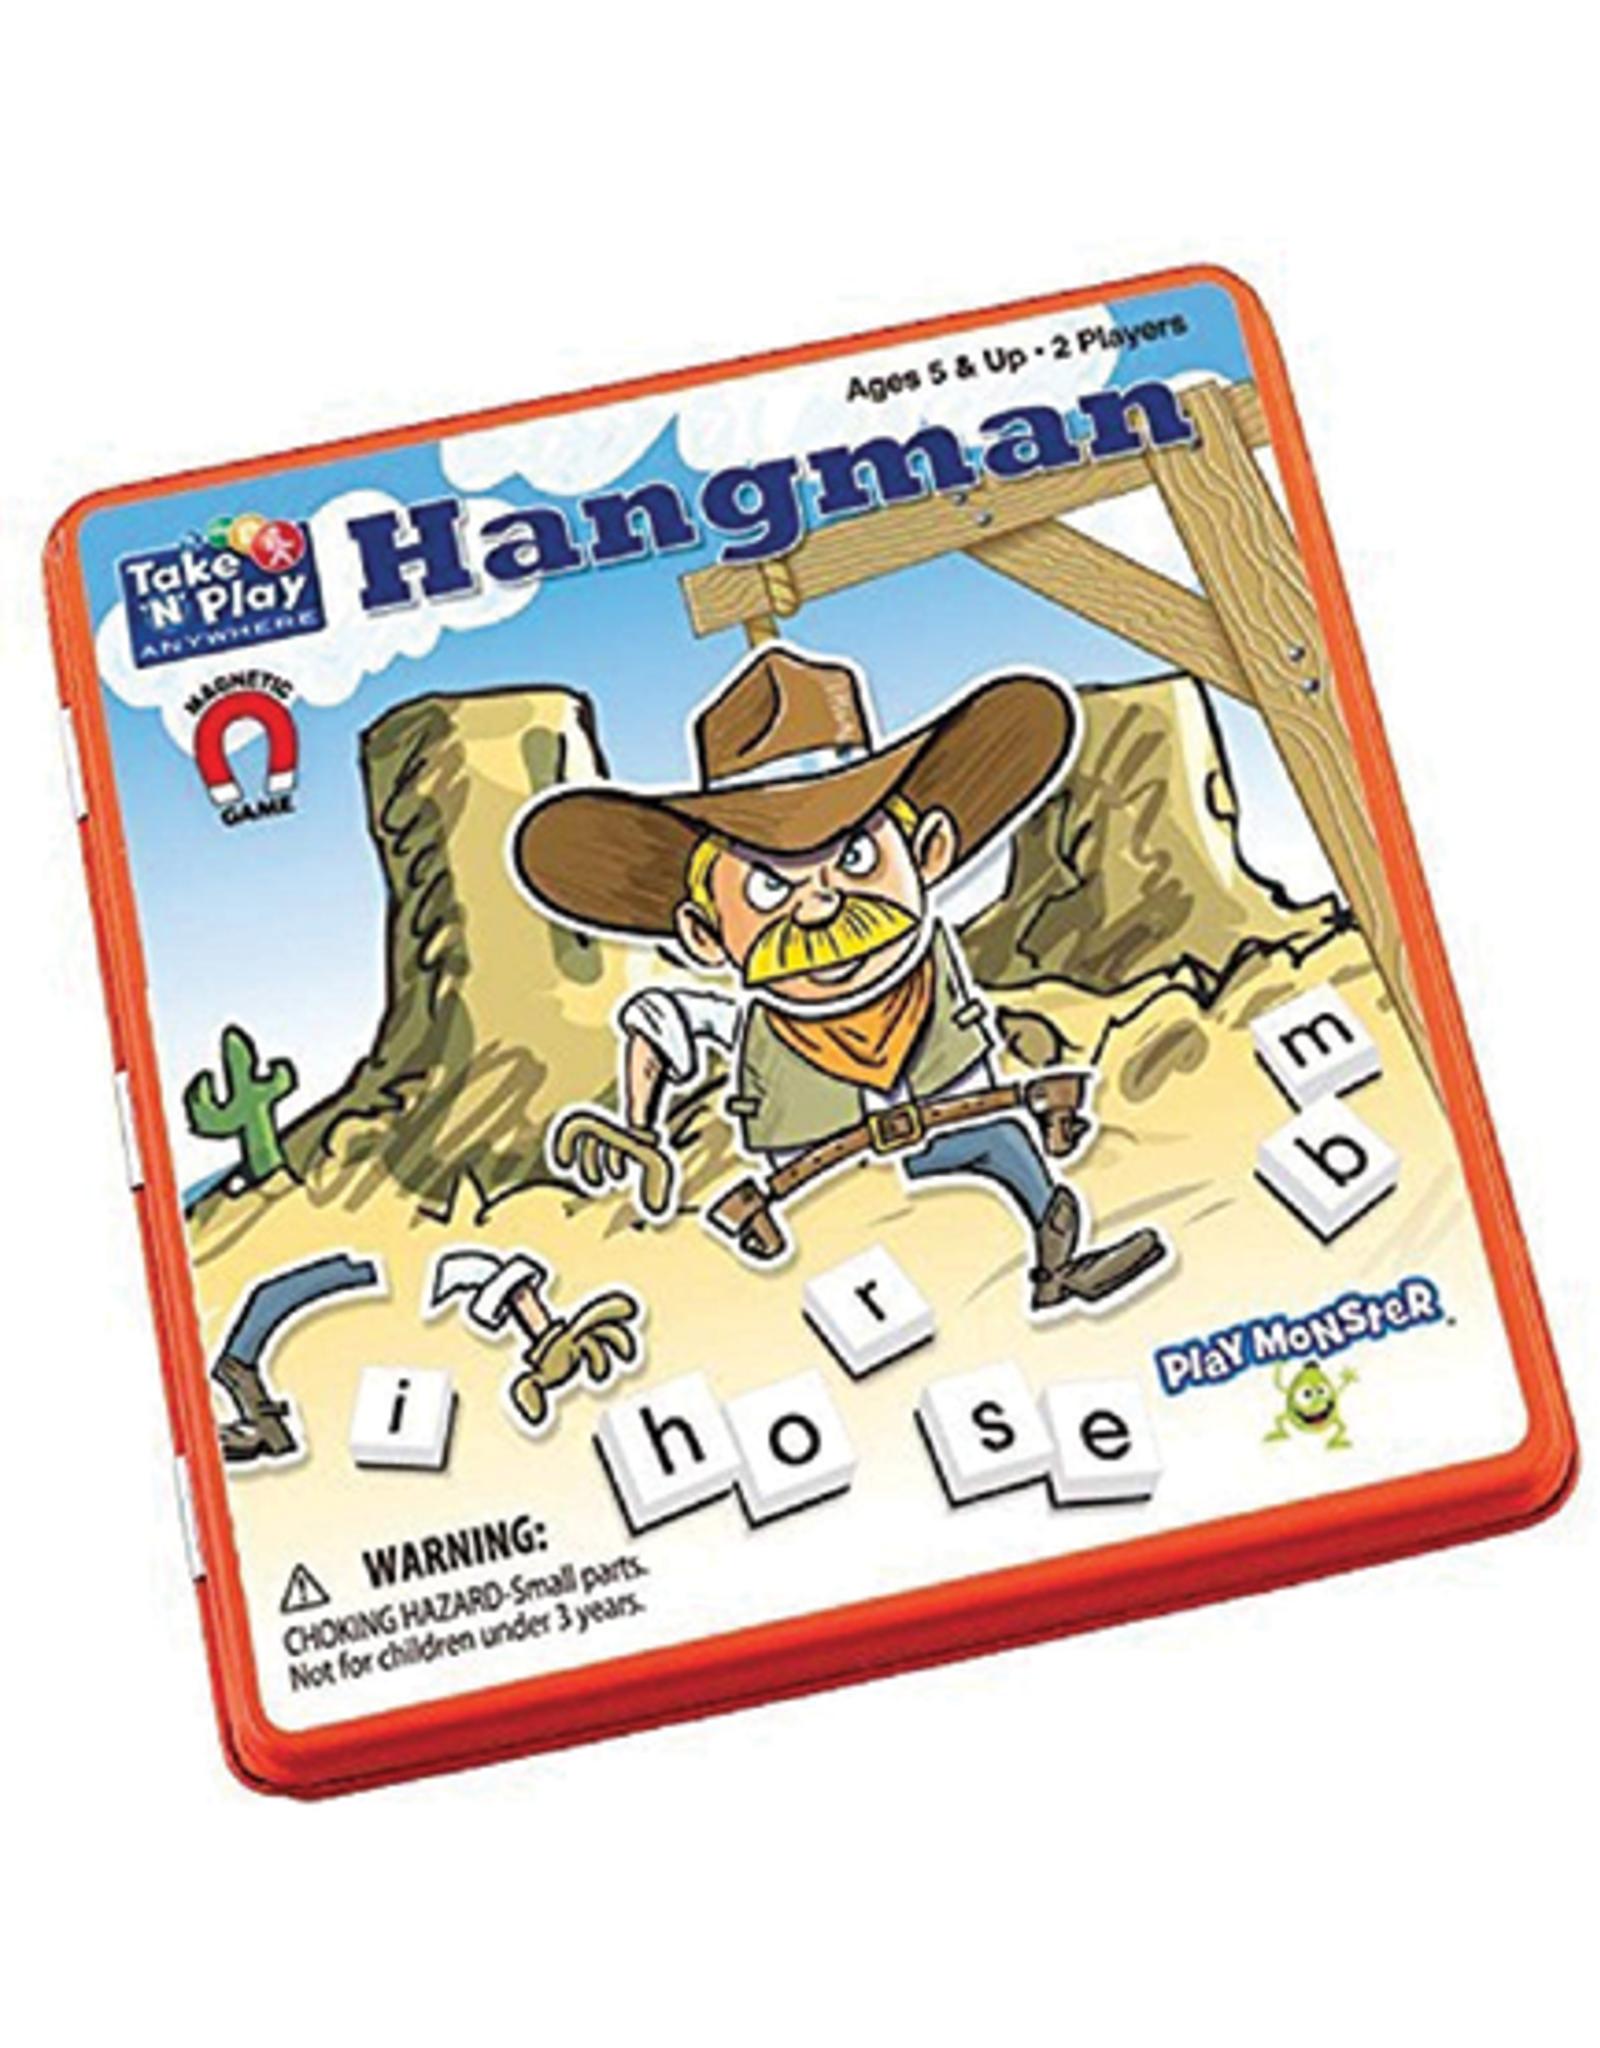 Magnetic Hangman Game, Travel Tin